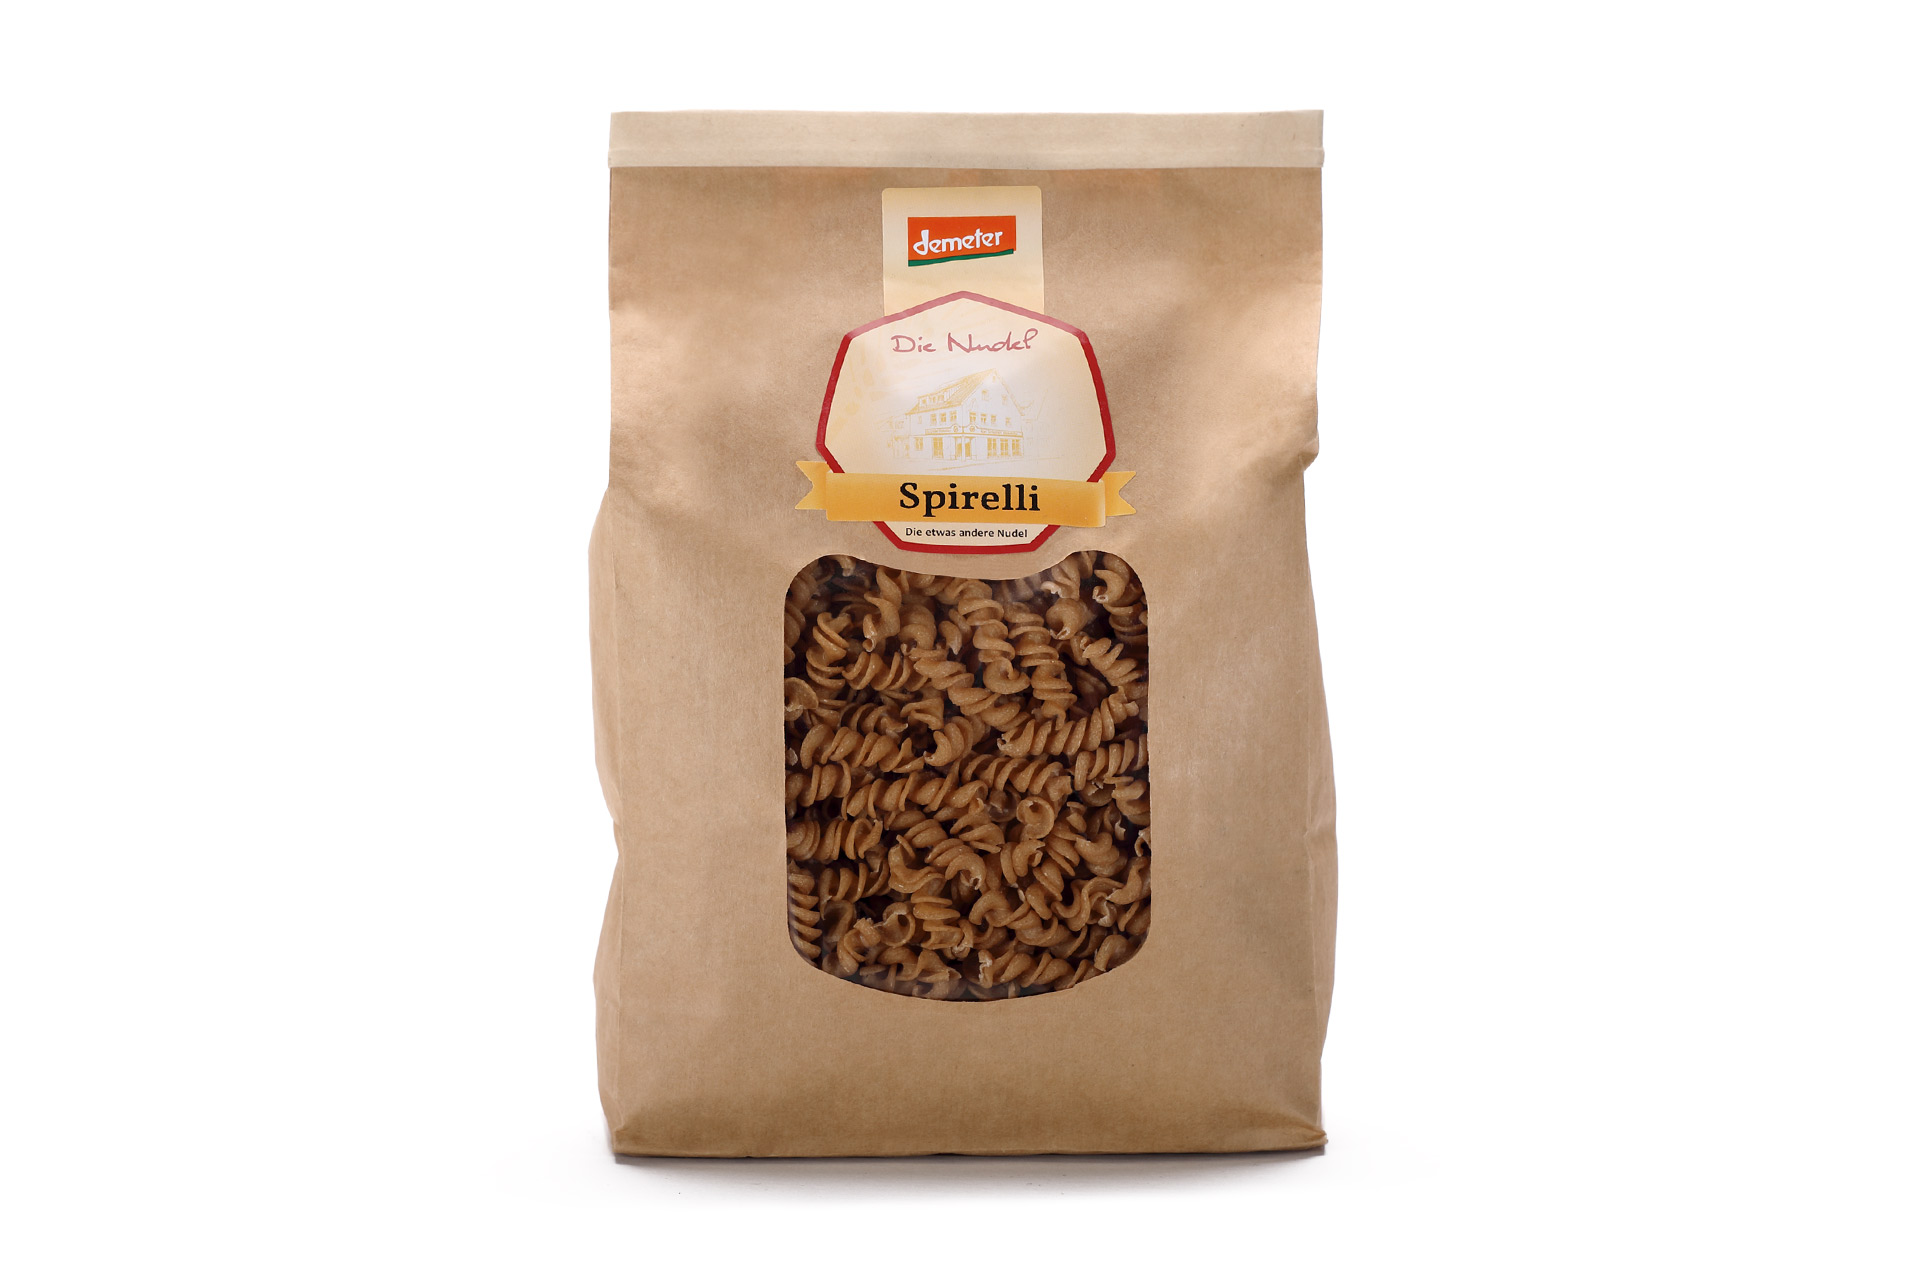 Spirelli-Dinkel-Vollkorn-500g-demeter-Bio-Verpackung-ksg